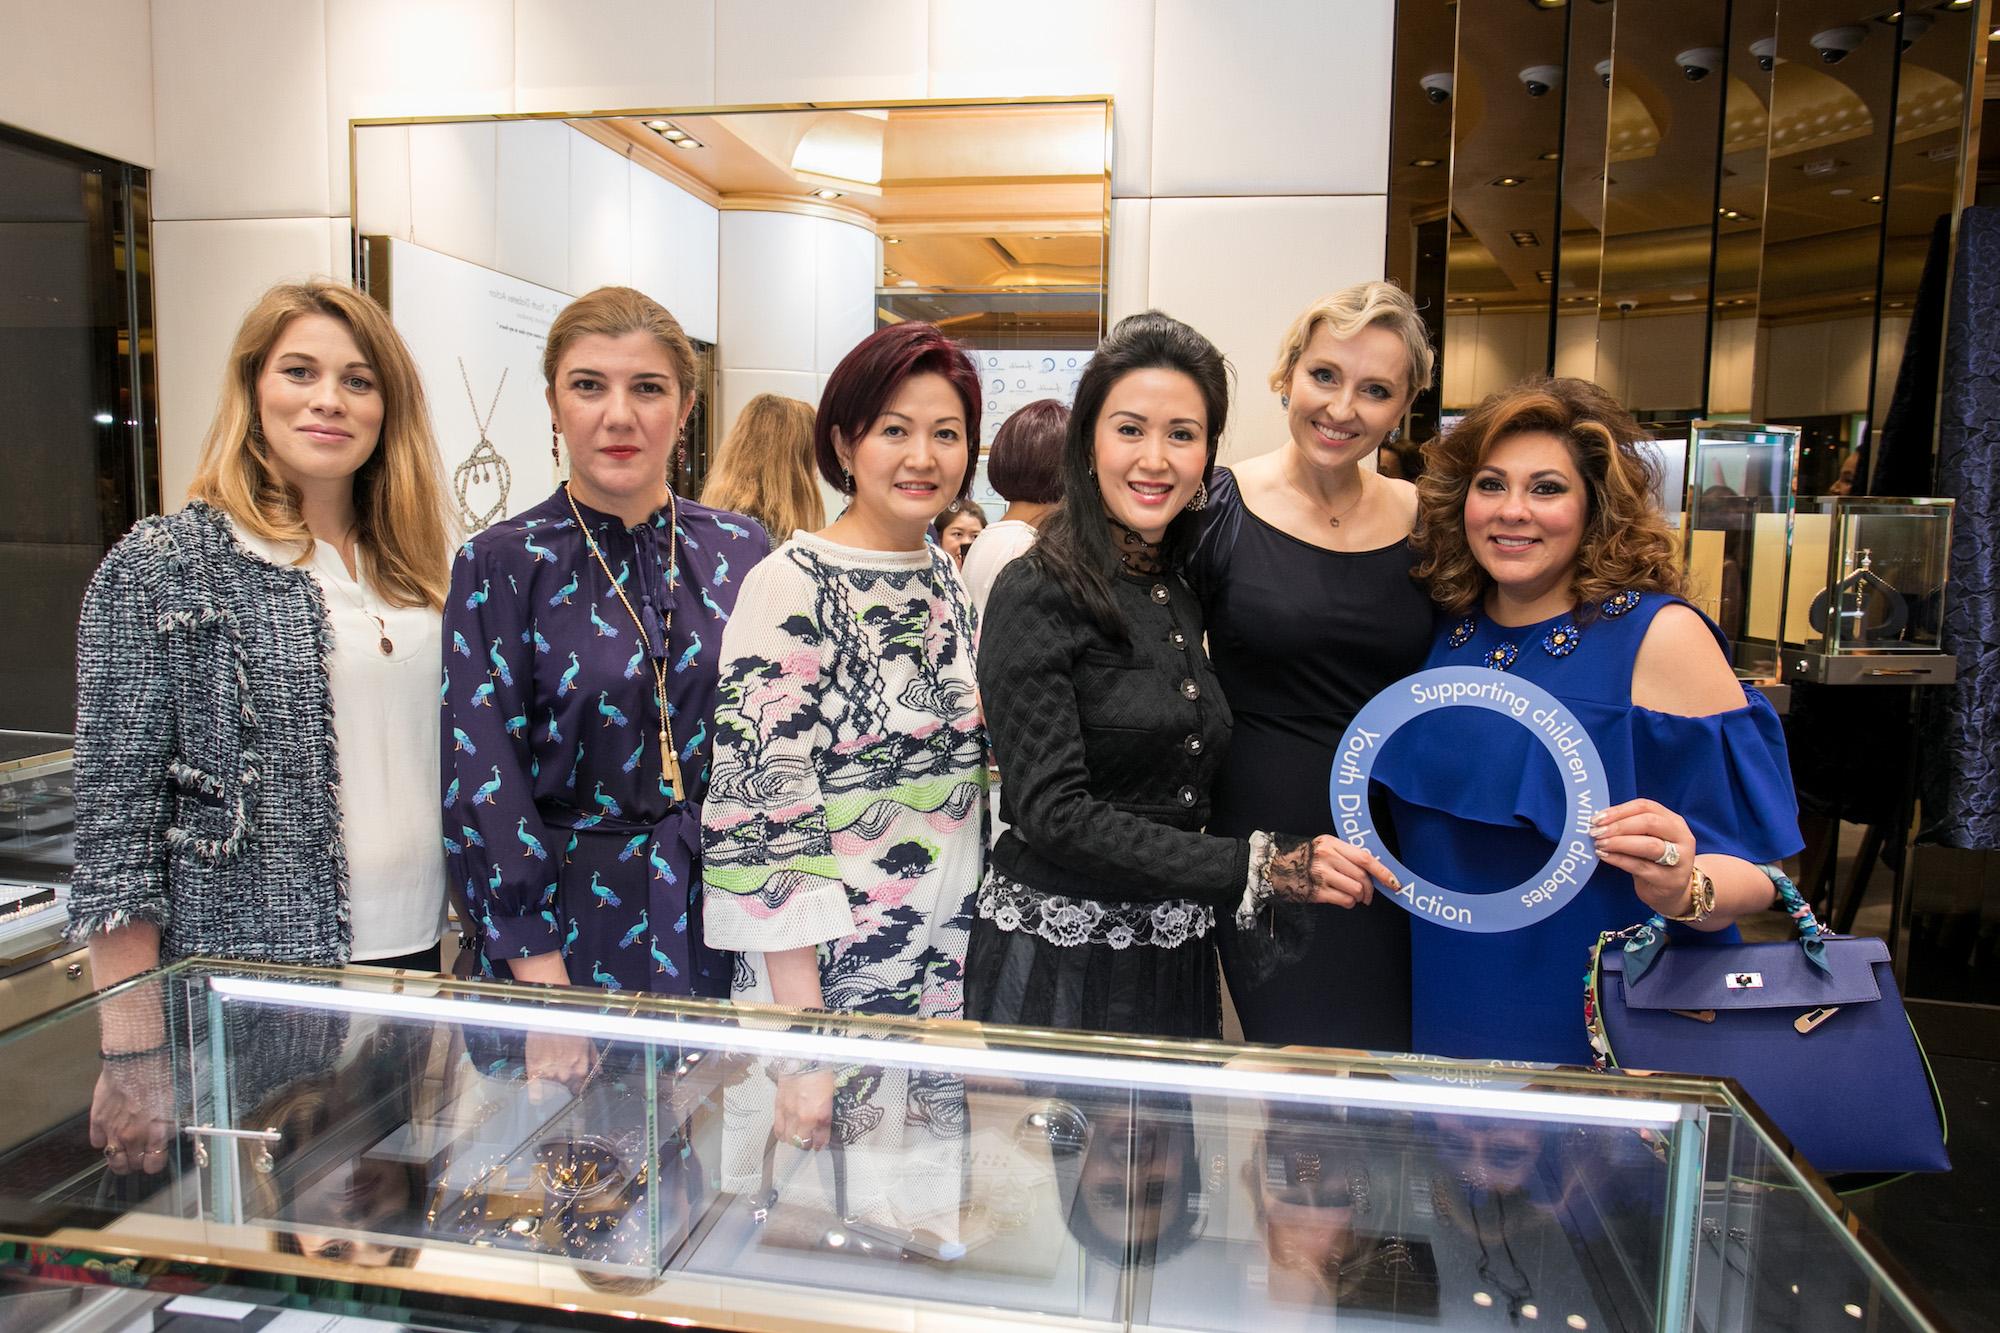 Fiona Buhrer, Janana Suleymanli Pasha, Leta Lau, Lianne Lam, Olga Roh, Rina Wadhwani